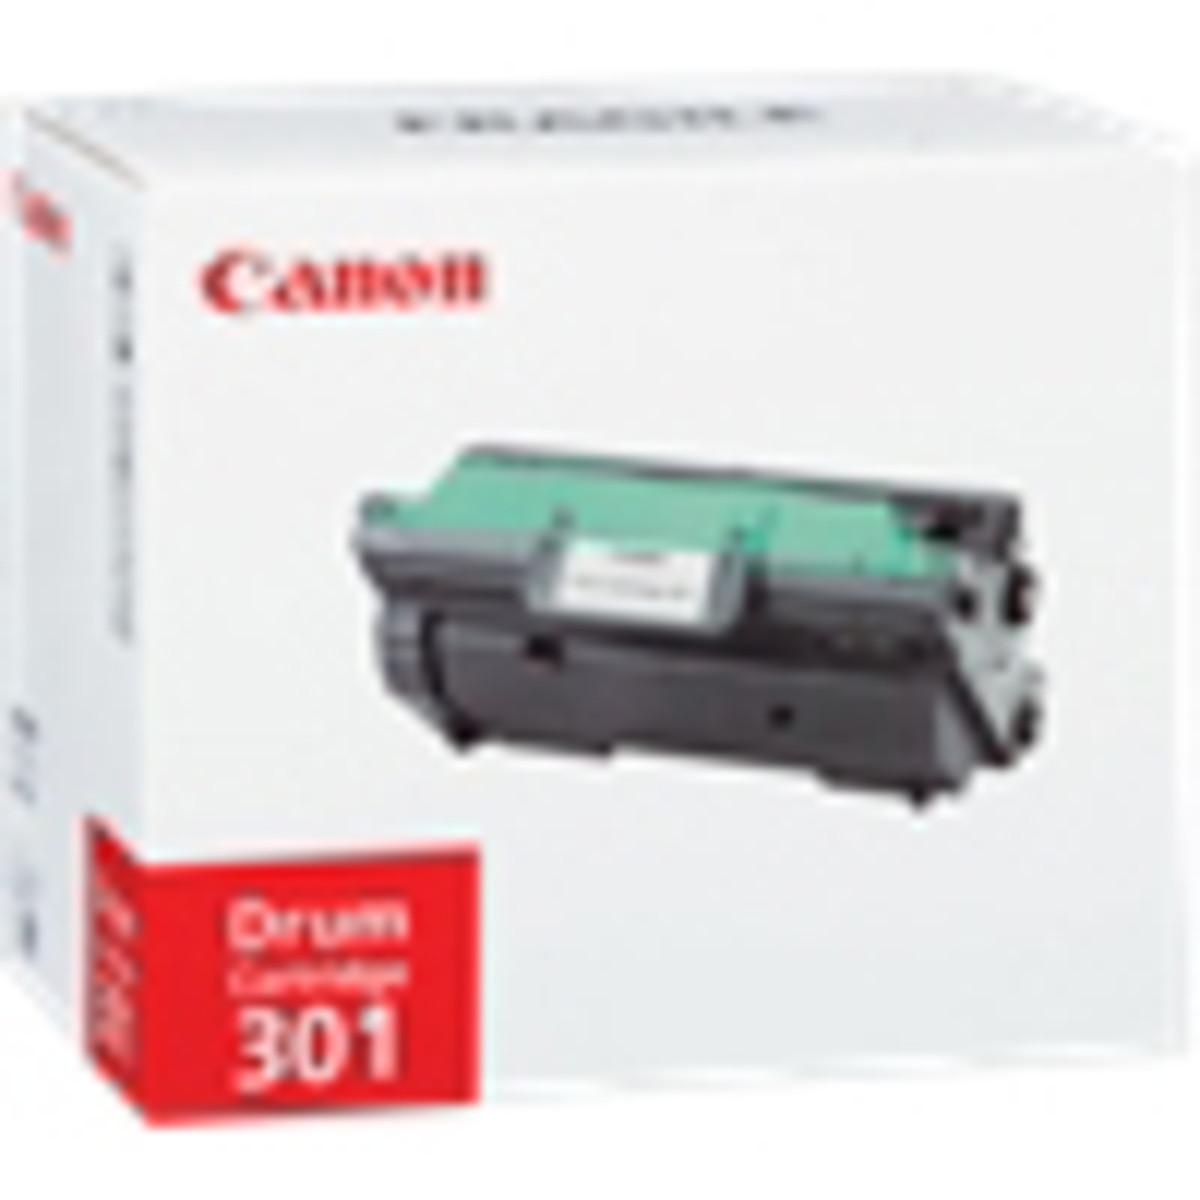 Canon CART-301D Drum Unit